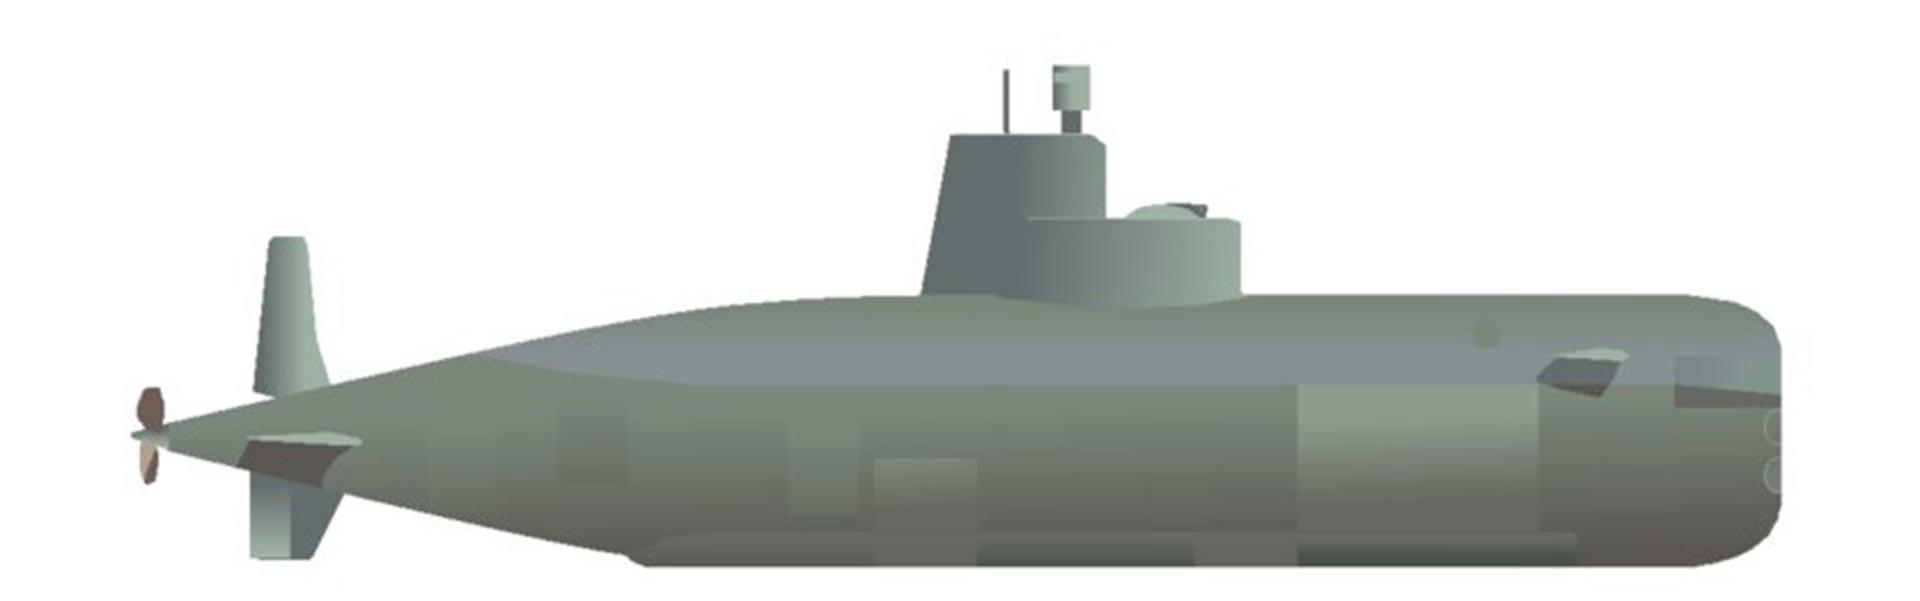 El diseño del minisubmarino